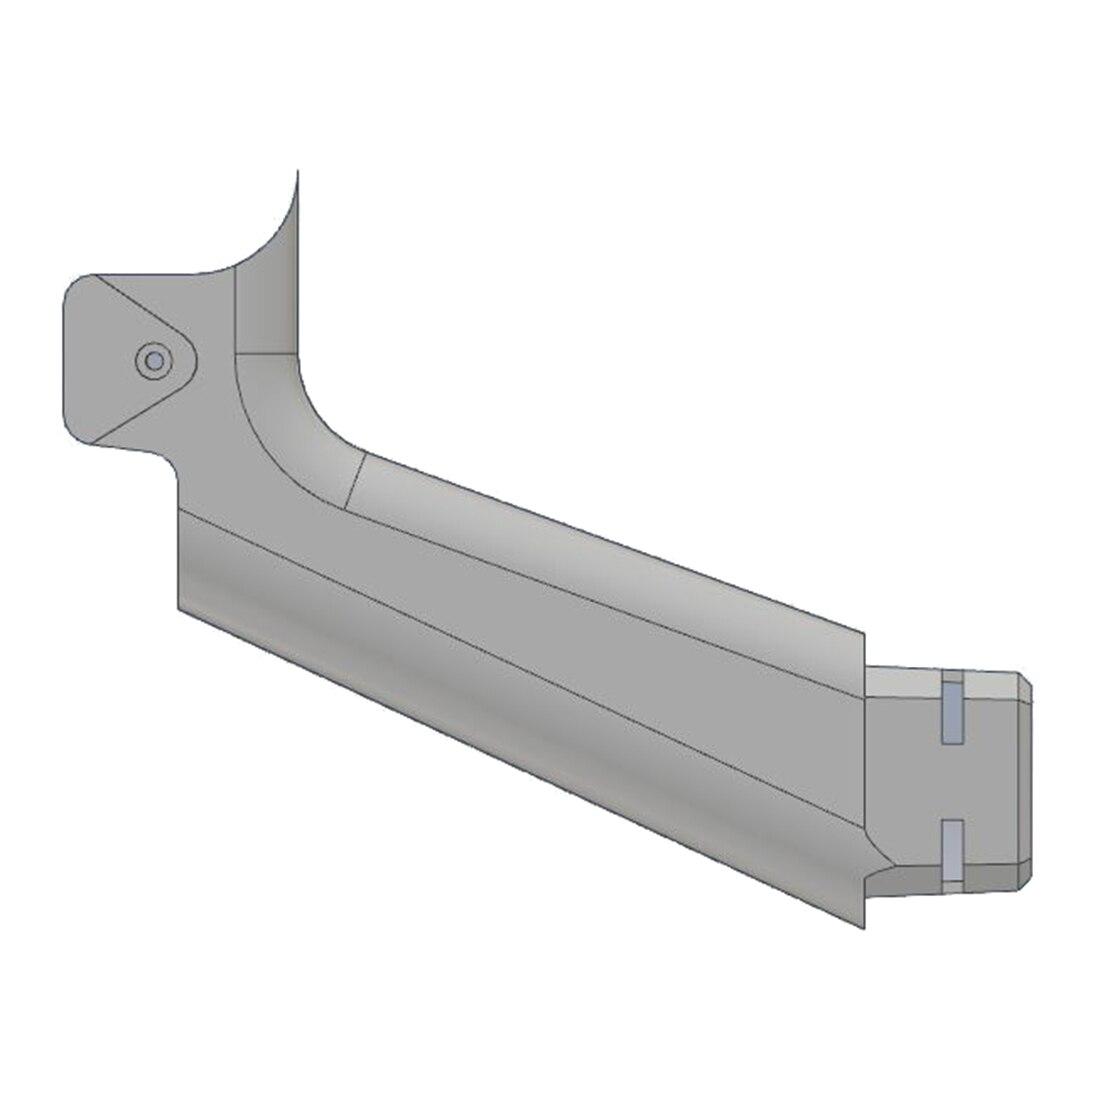 NFSTRIKE 3D Impression Modularisation Stock Avec Interface Pour Nerf Zombie Grève SlingFire Blaster Partie Modifié-Noir